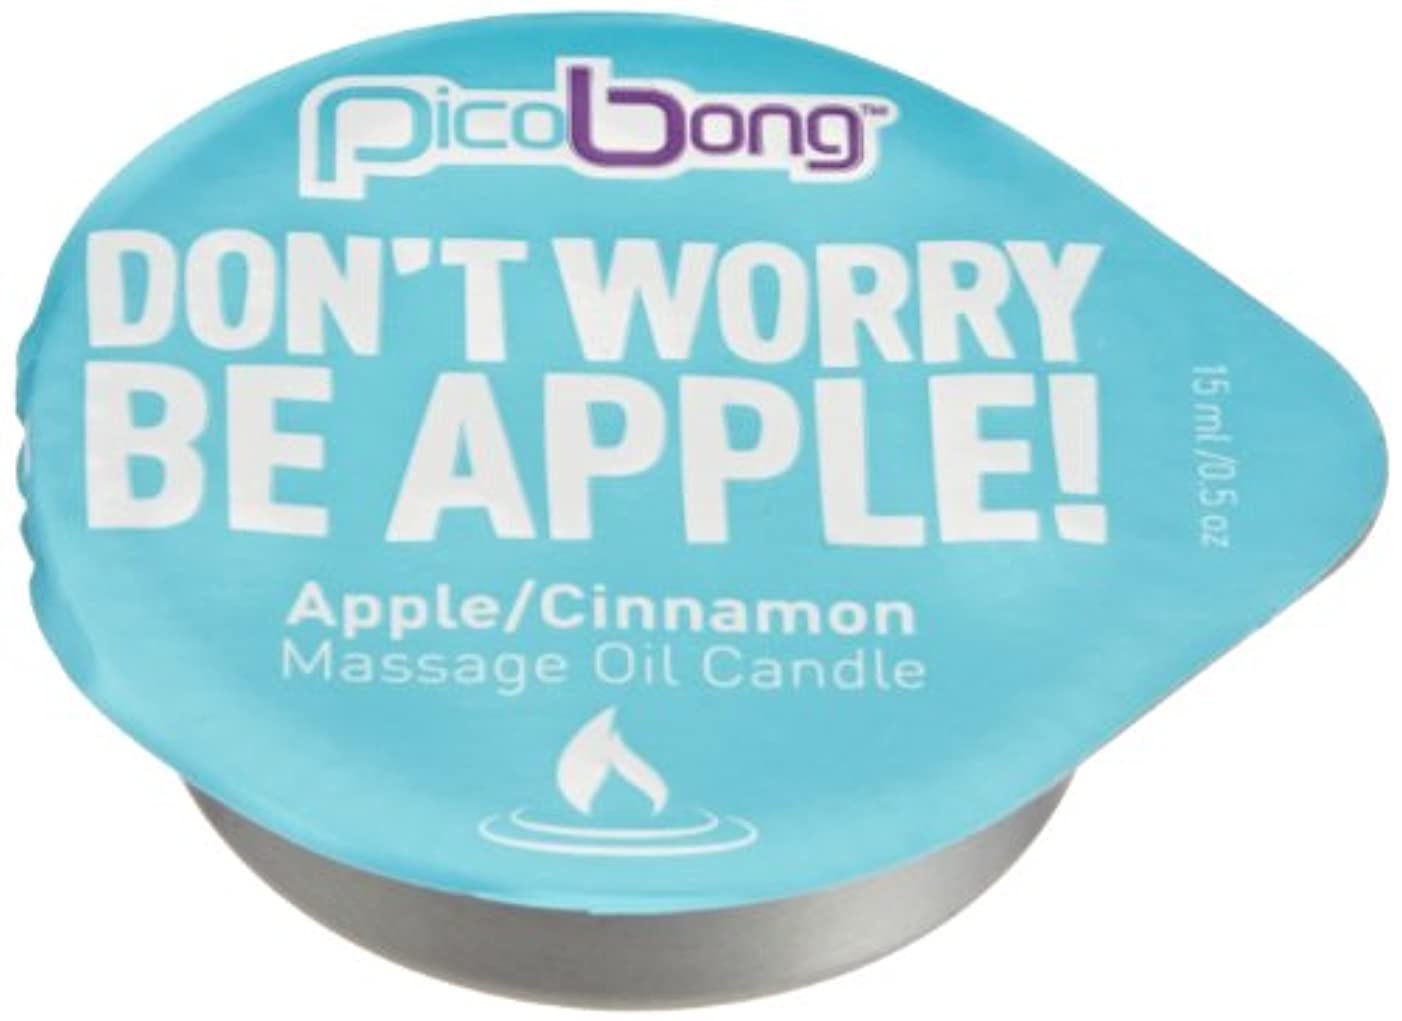 構造的槍有毒Picobong Massage Oil Candle (マッサージオイルキャンドル) アップル&シナモン